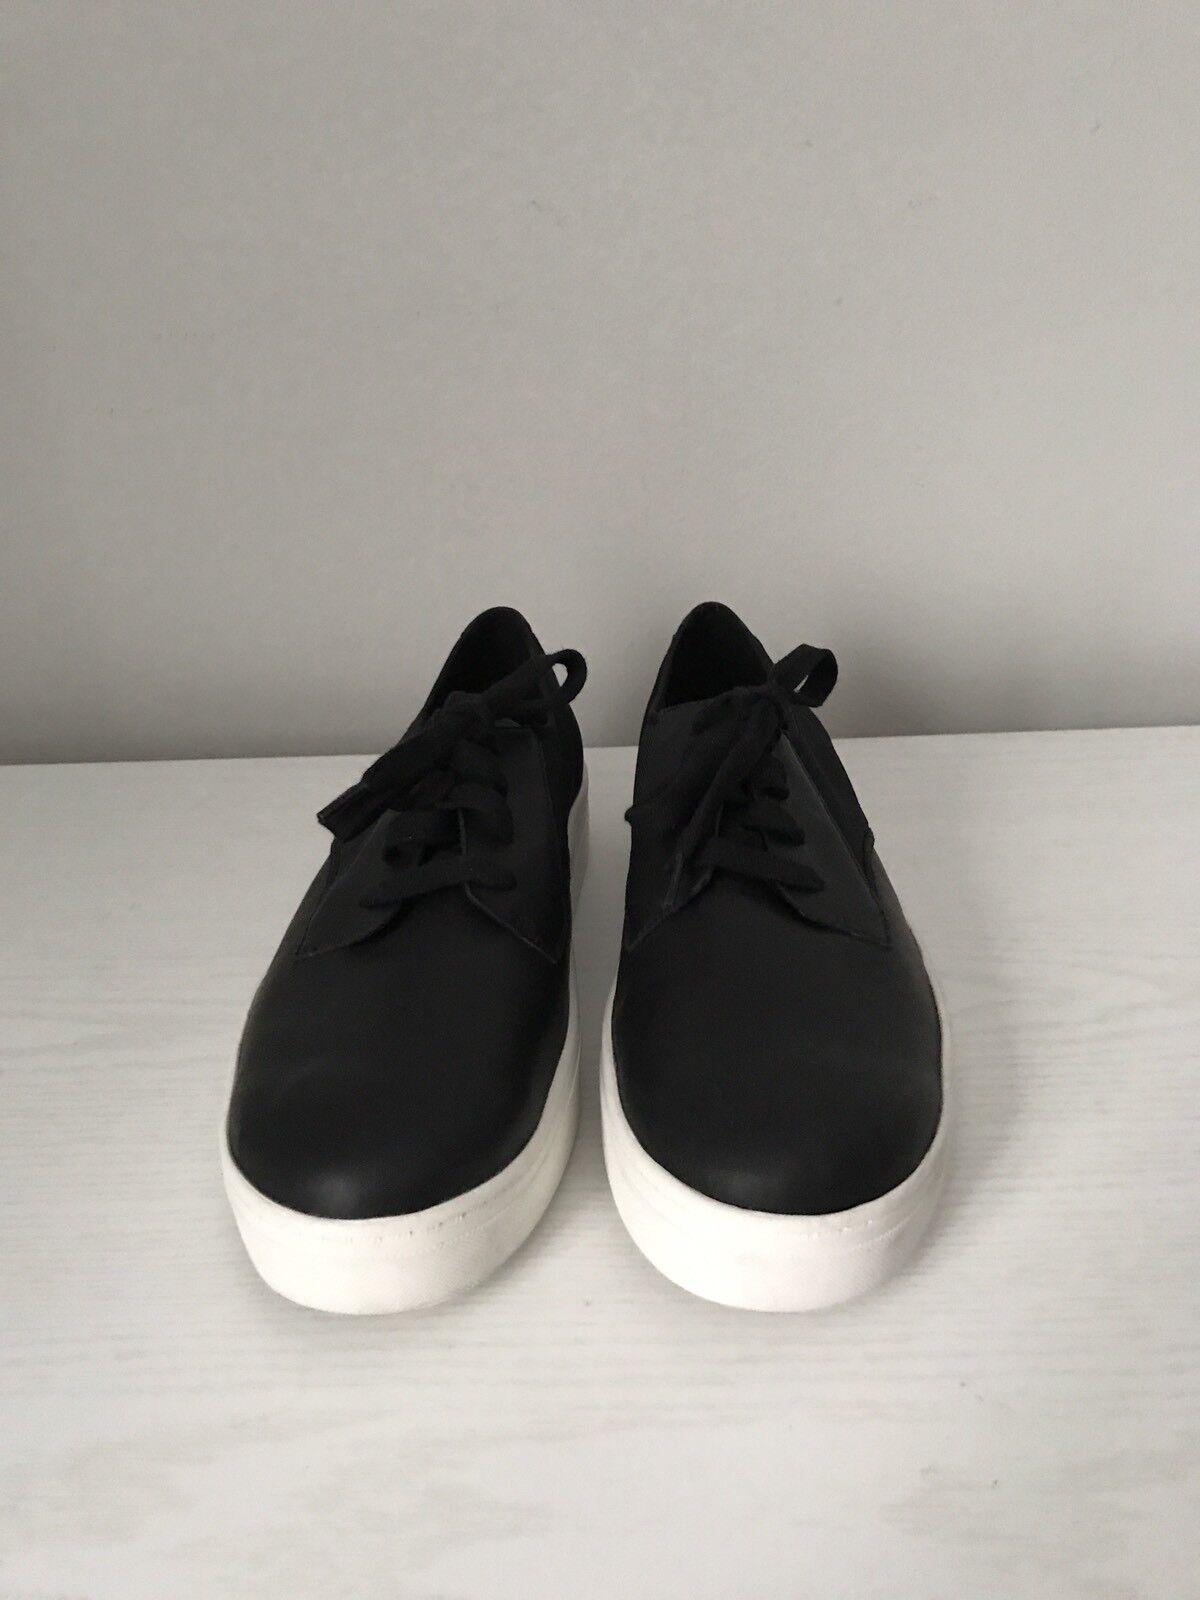 Nueva Nueva Nueva Eileen Fisher Cuero Negro Cordón UPS Koi Oxford Zapatos Talla 9 1 2  Ahorre 60% de descuento y envío rápido a todo el mundo.